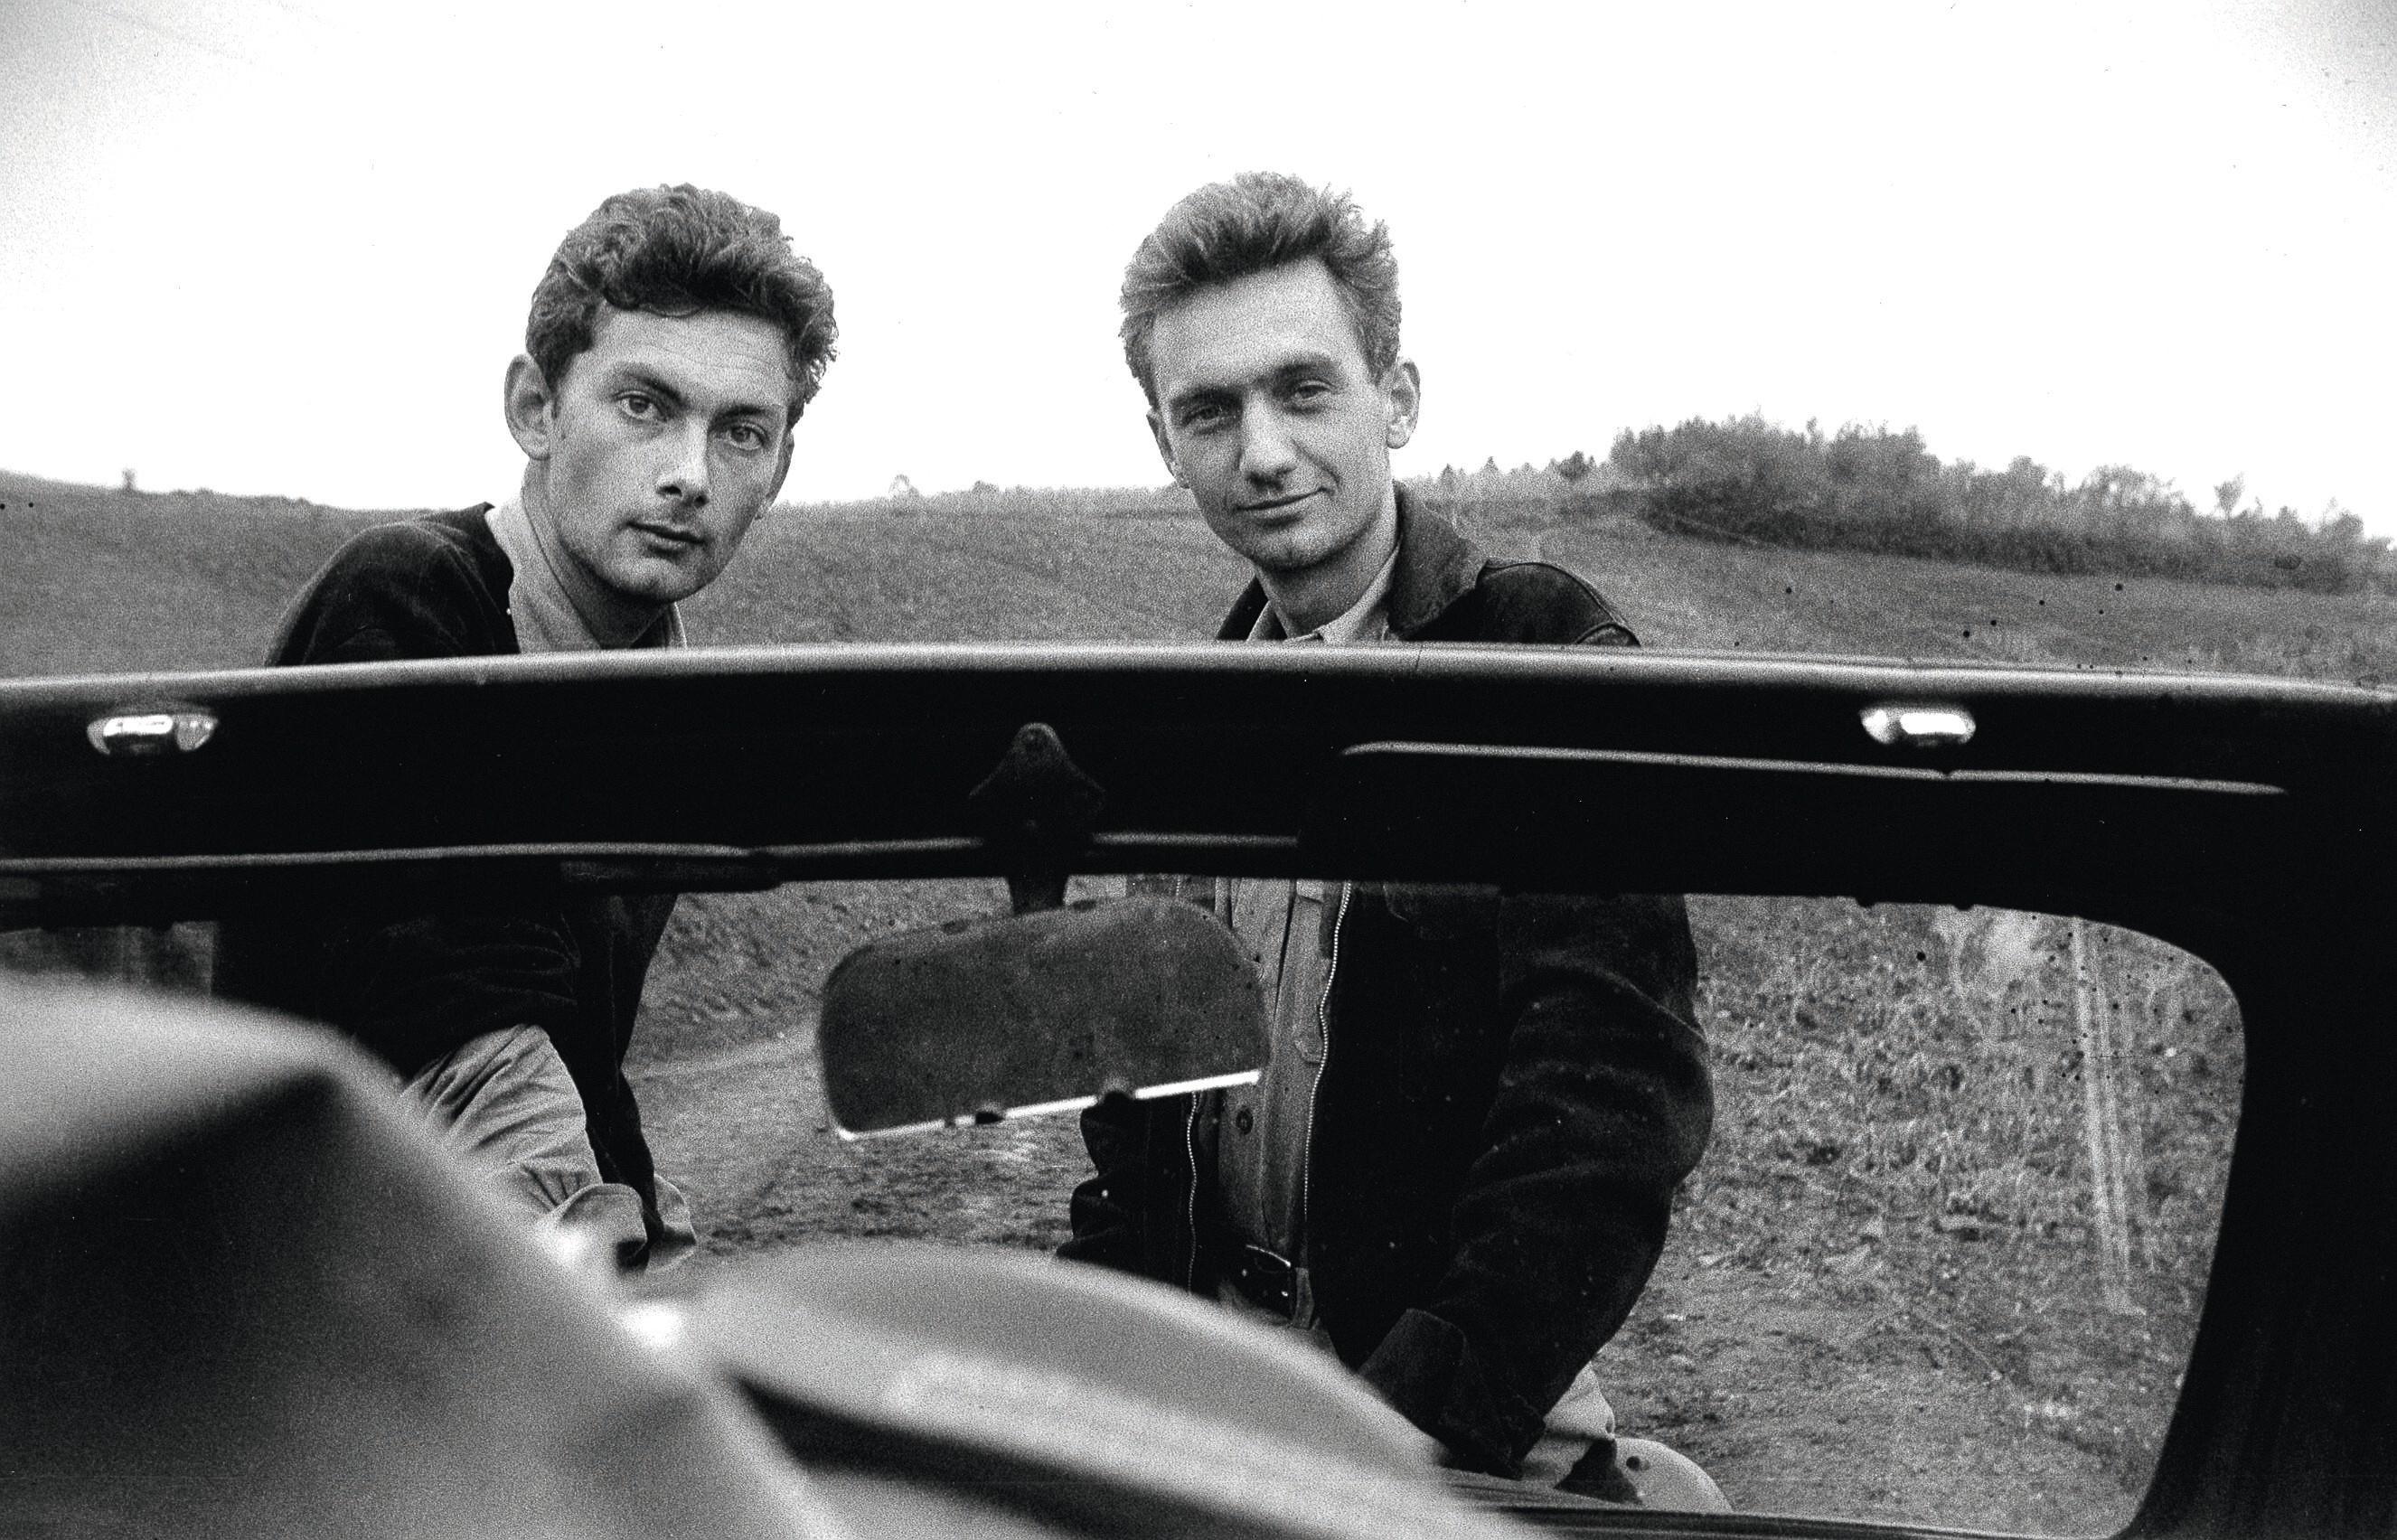 Nicolas Bouvier et Thierry Vernet au col d'Ordu, Turquie, octobre 1953, photographie, musée de l'Élysée, Lausanne, Suisse.